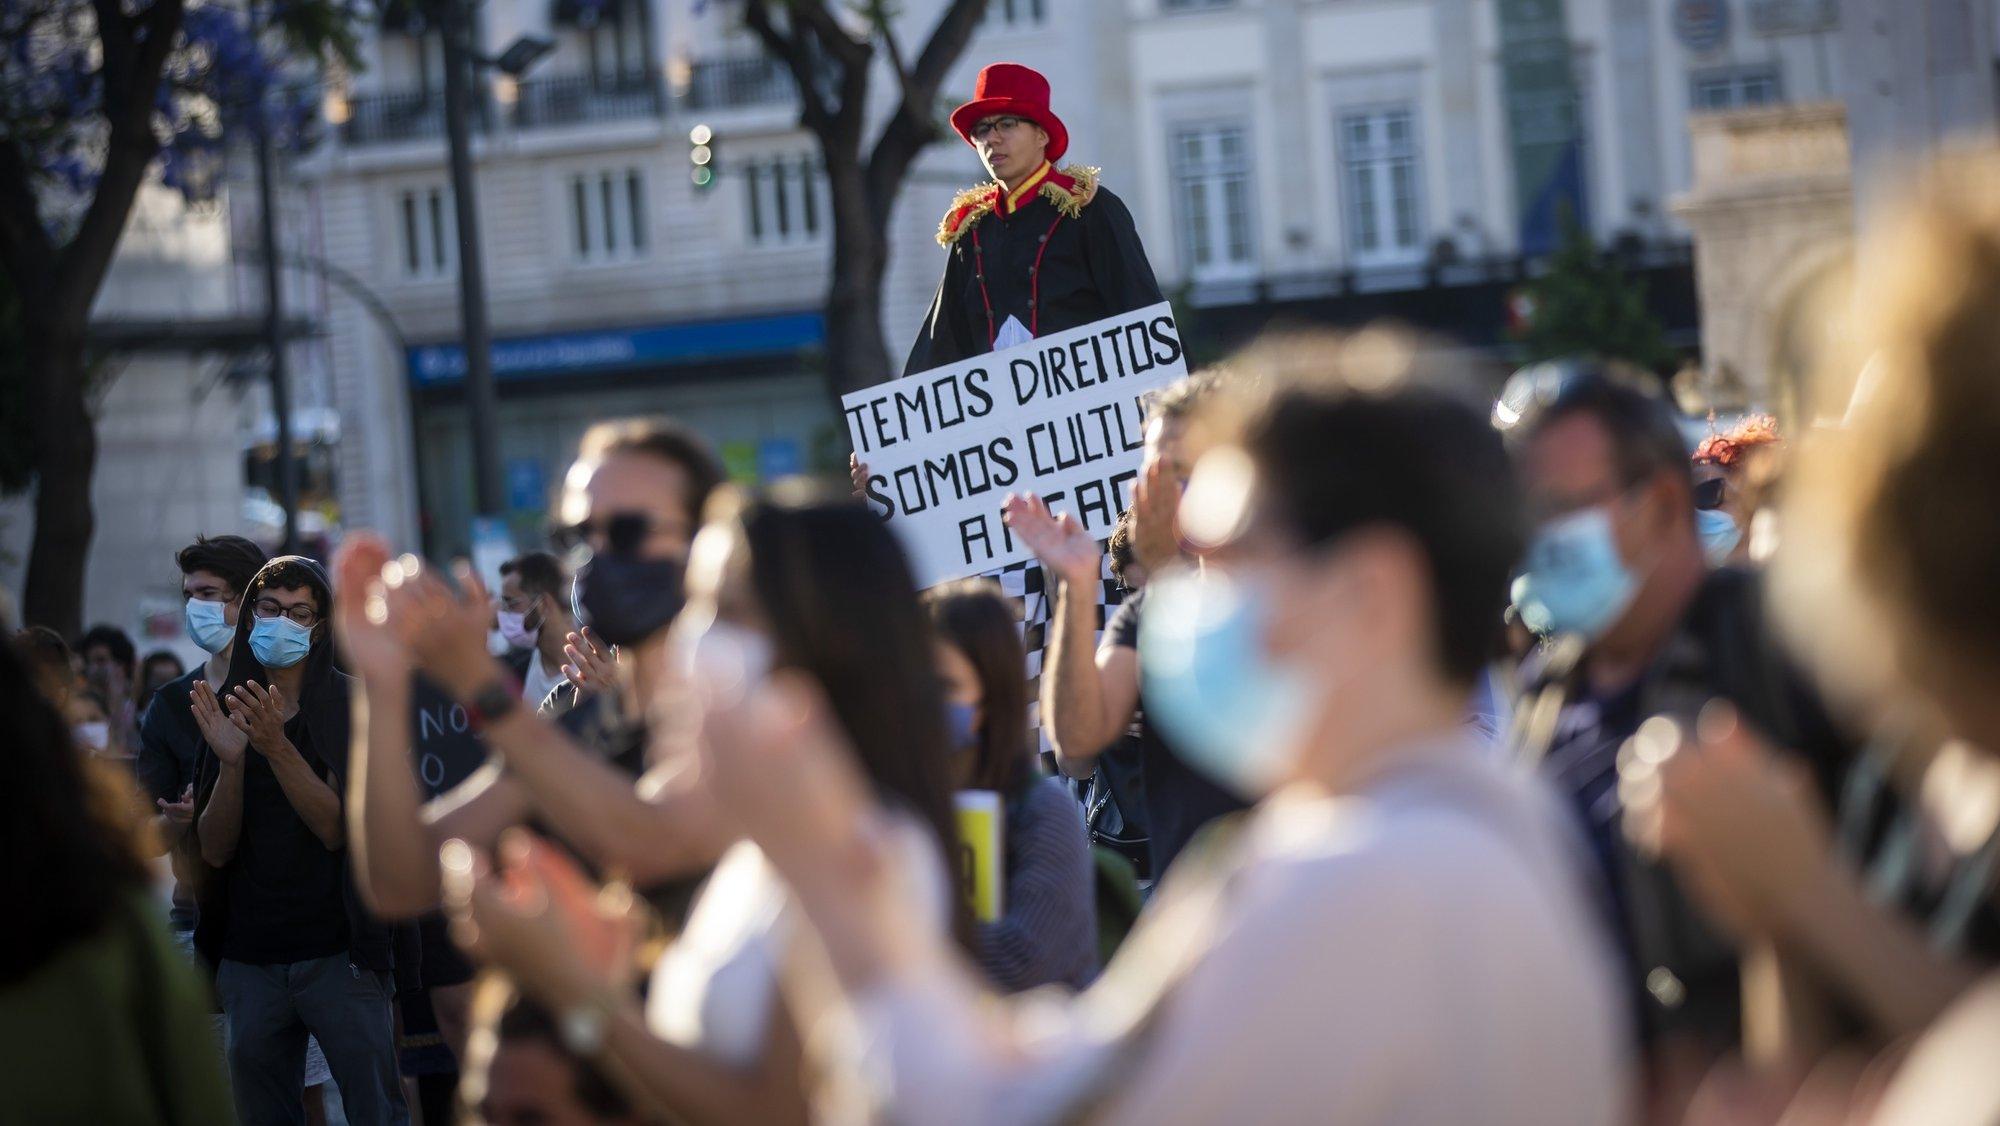 """Manifestação nacional """"Parados, Nunca Calados"""", promovida pelo Manifesto em Defesa da Cultura e pelo Sindicato dos Trabalhadores de Espectáculos, do Audiovisual e dos Músicos, a manifestação exige Serviço Público de Cultura; Toda a cultura para todos e 1% para a Cultura, no Rossio, em Lisboa, 04 de junho de 2020. JOSÉ SENA GOULÃO/LUSA"""